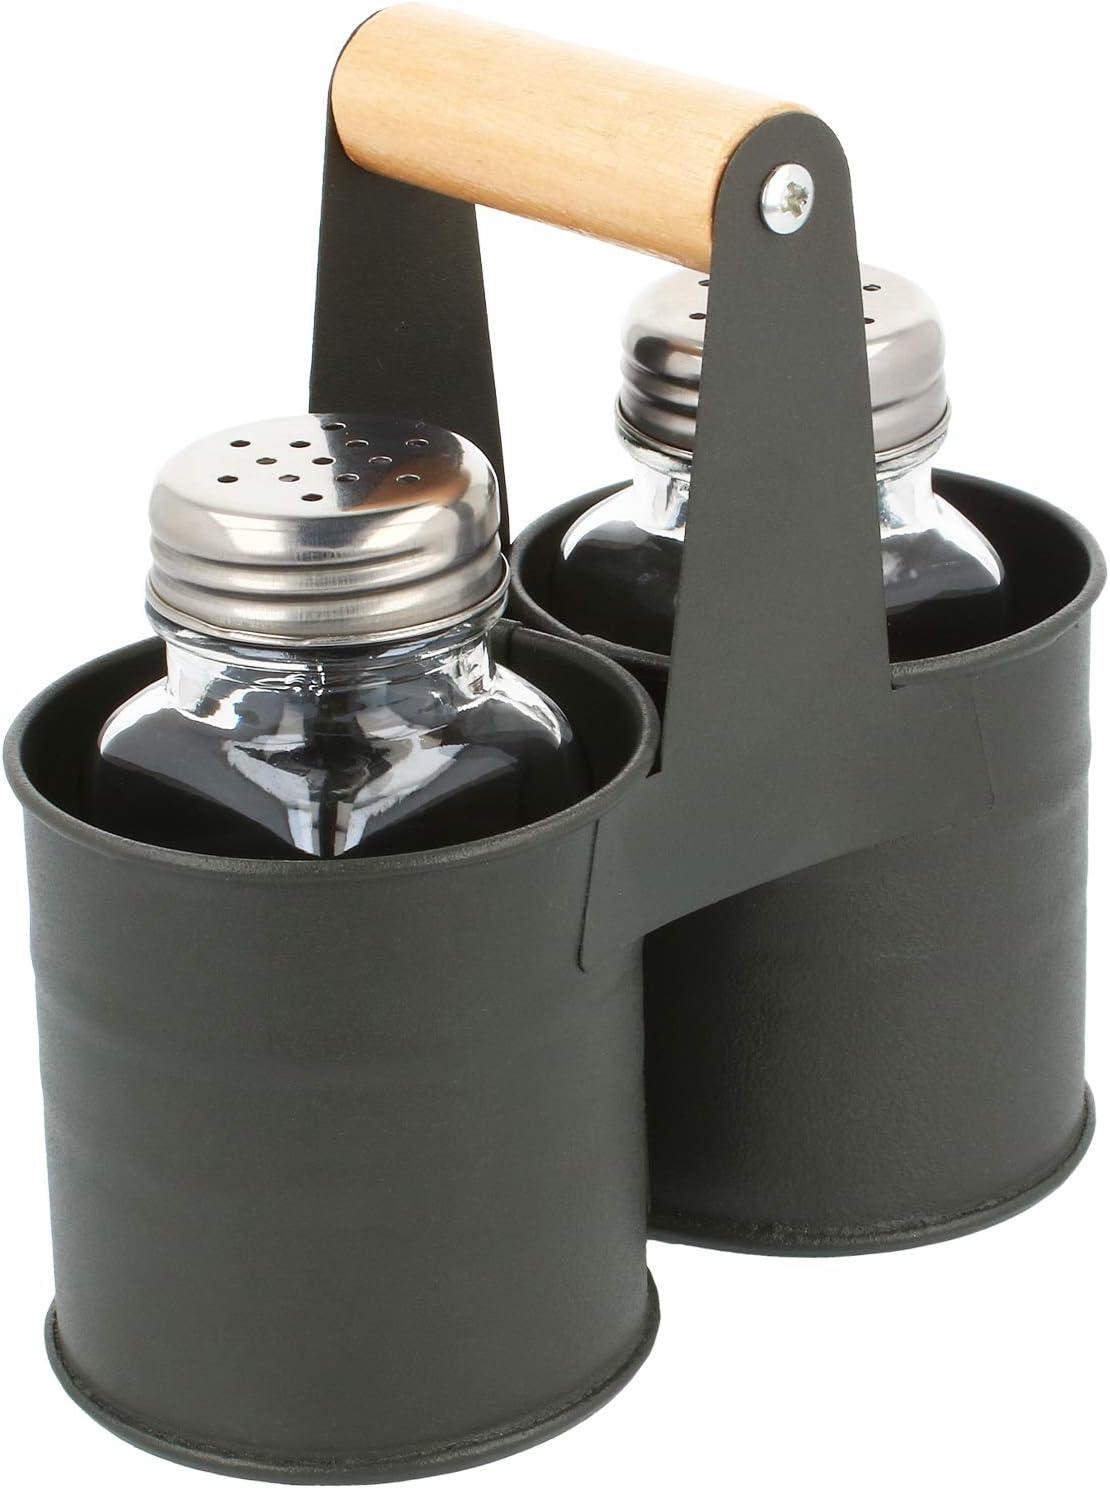 sal y pimienta con soporte de metal a juego 01 pieza - con soporte com-four/® 3 piezas Juego de agitador de especias de hecho de vidrio